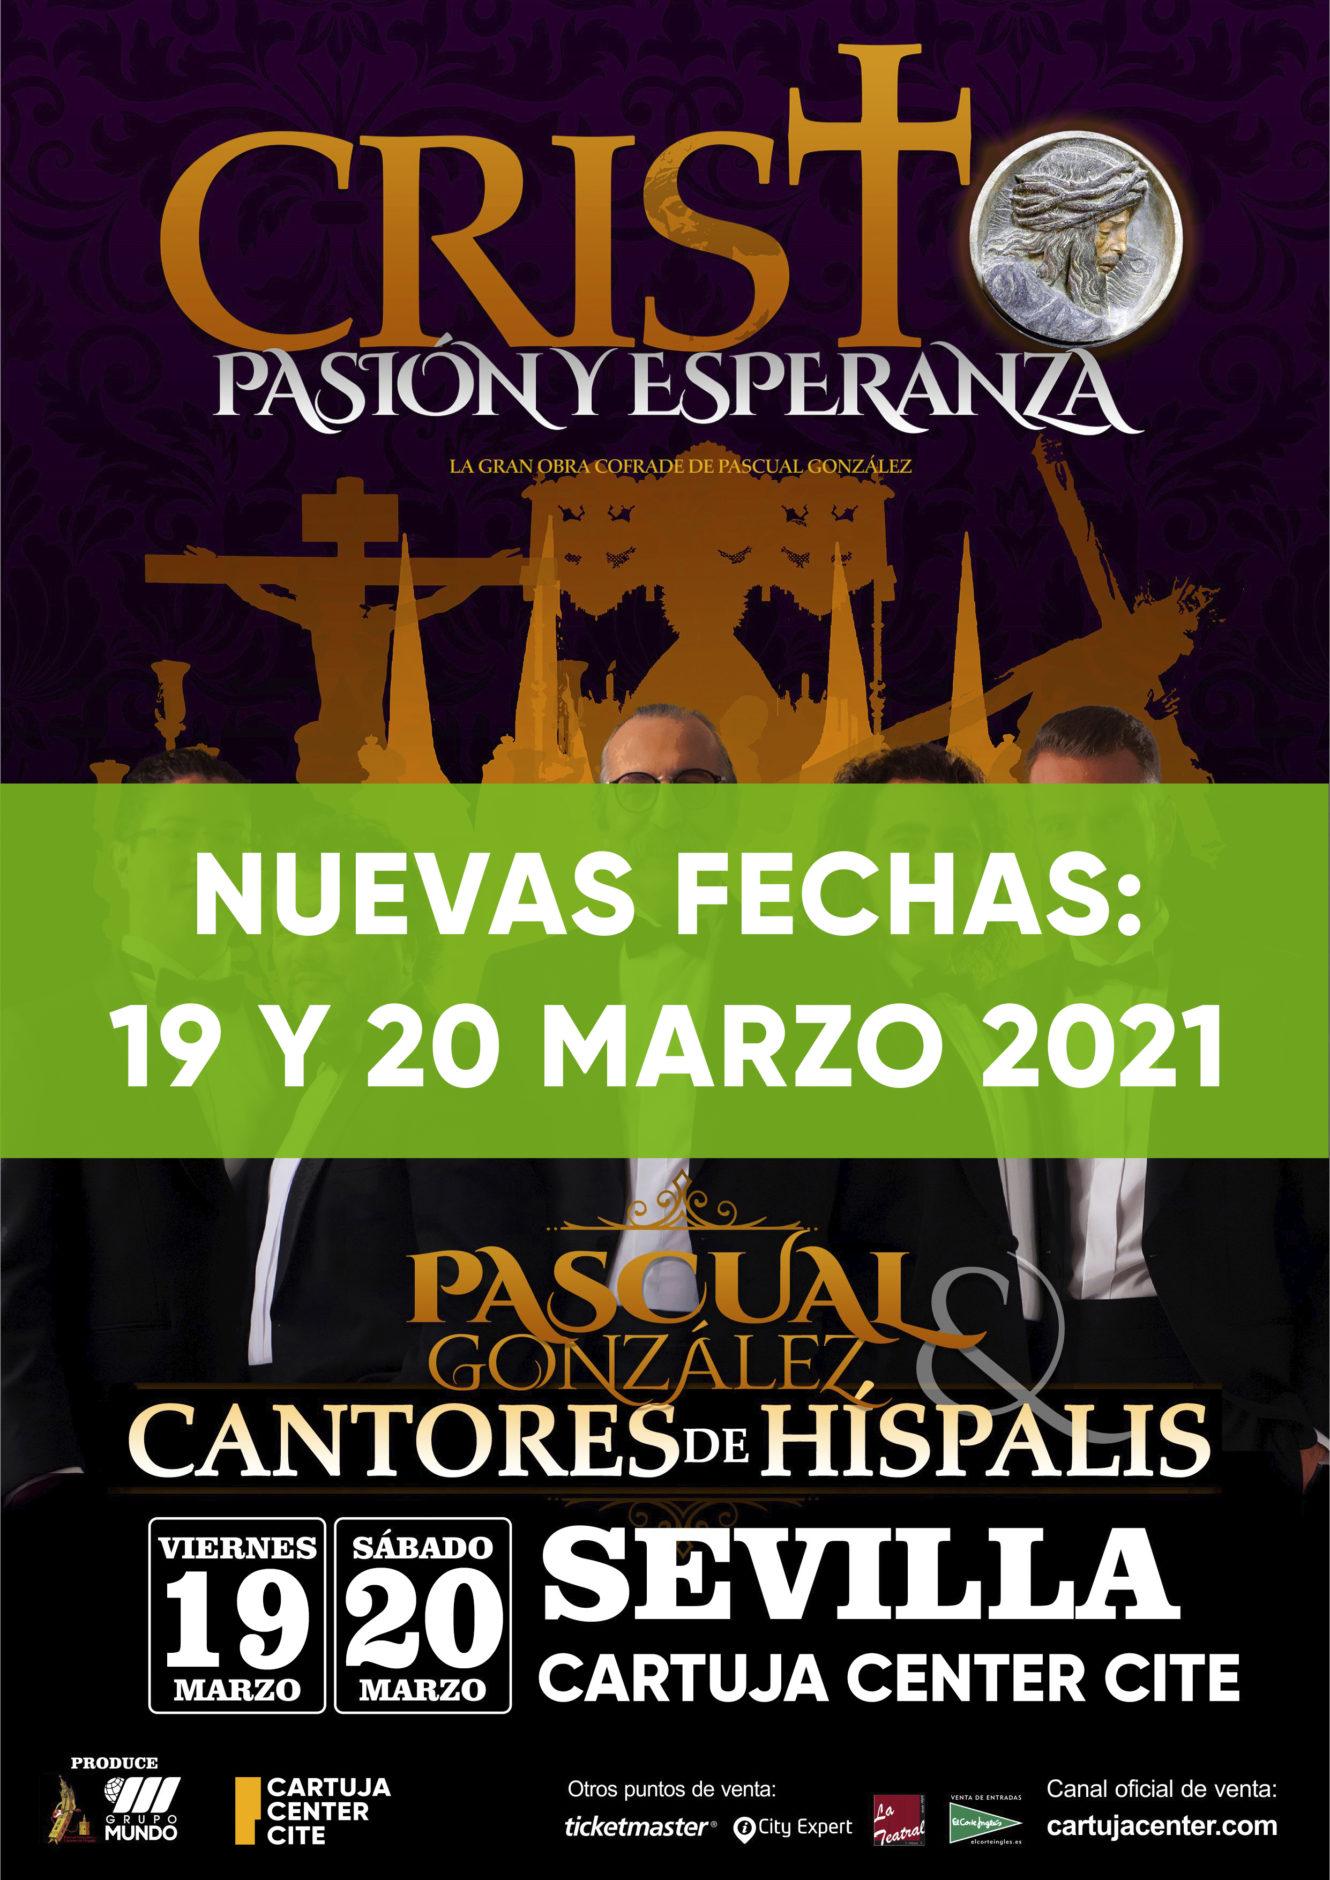 Nuevo aplazamiento concierto cantores de híspalis 1